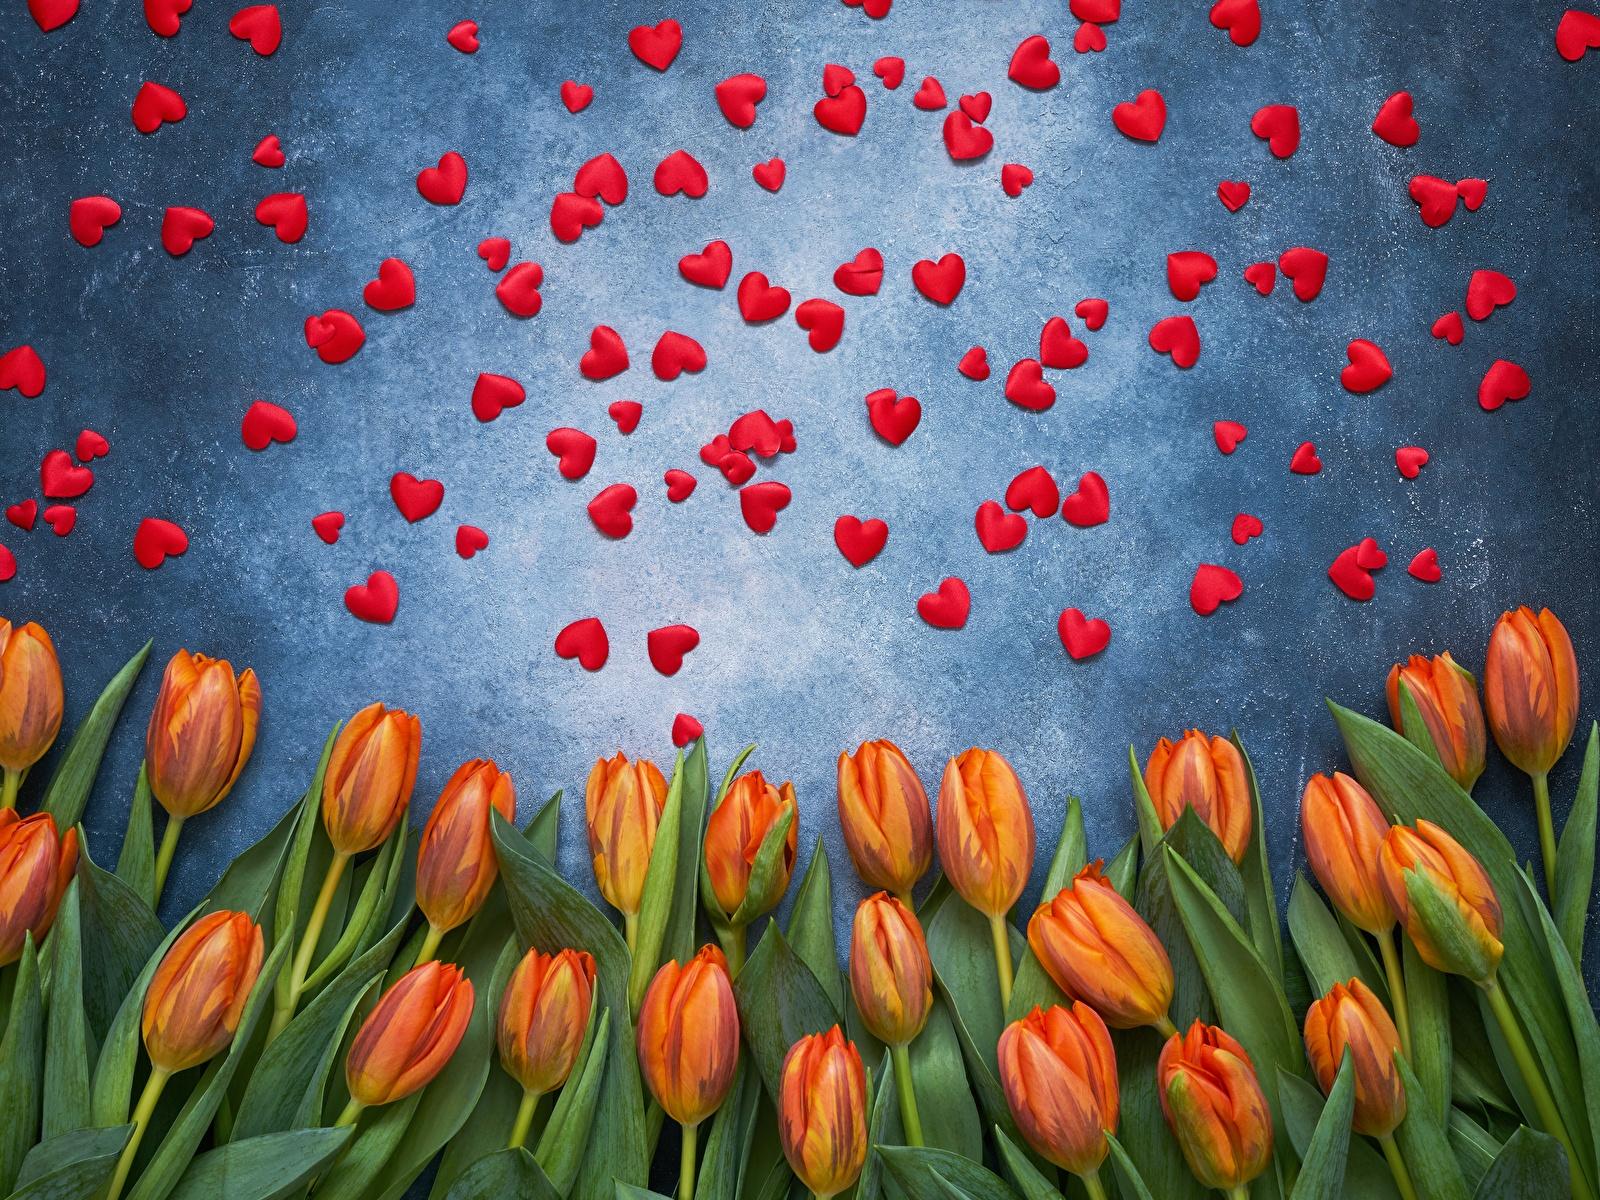 Фотография День святого Валентина сердечко тюльпан цветок 1600x1200 День всех влюблённых серце сердца Сердце Тюльпаны Цветы